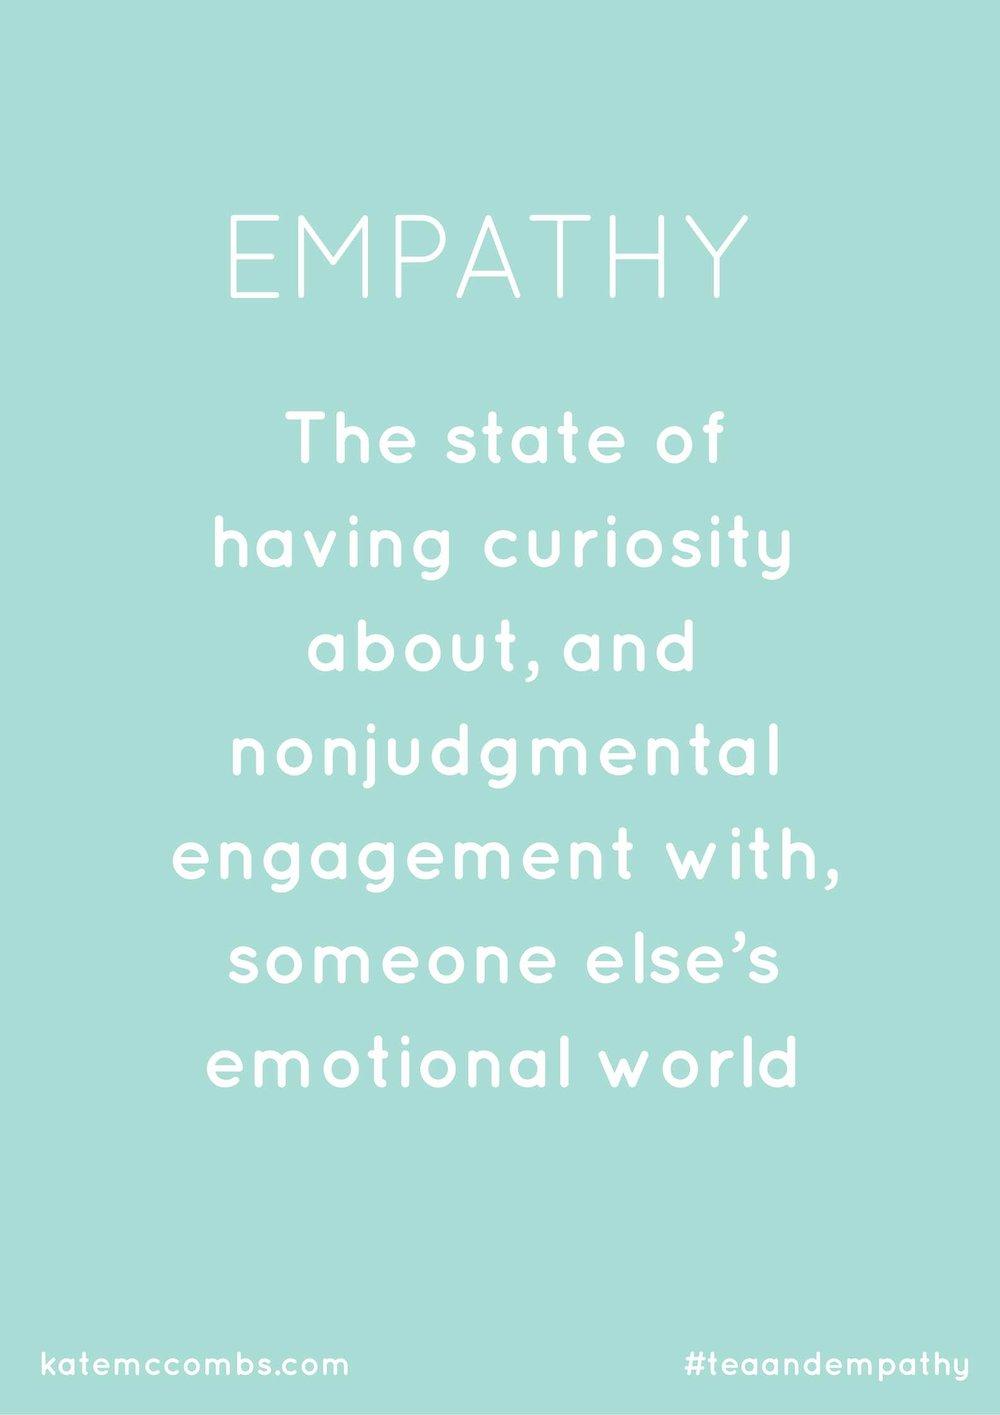 empathy definition.JPG